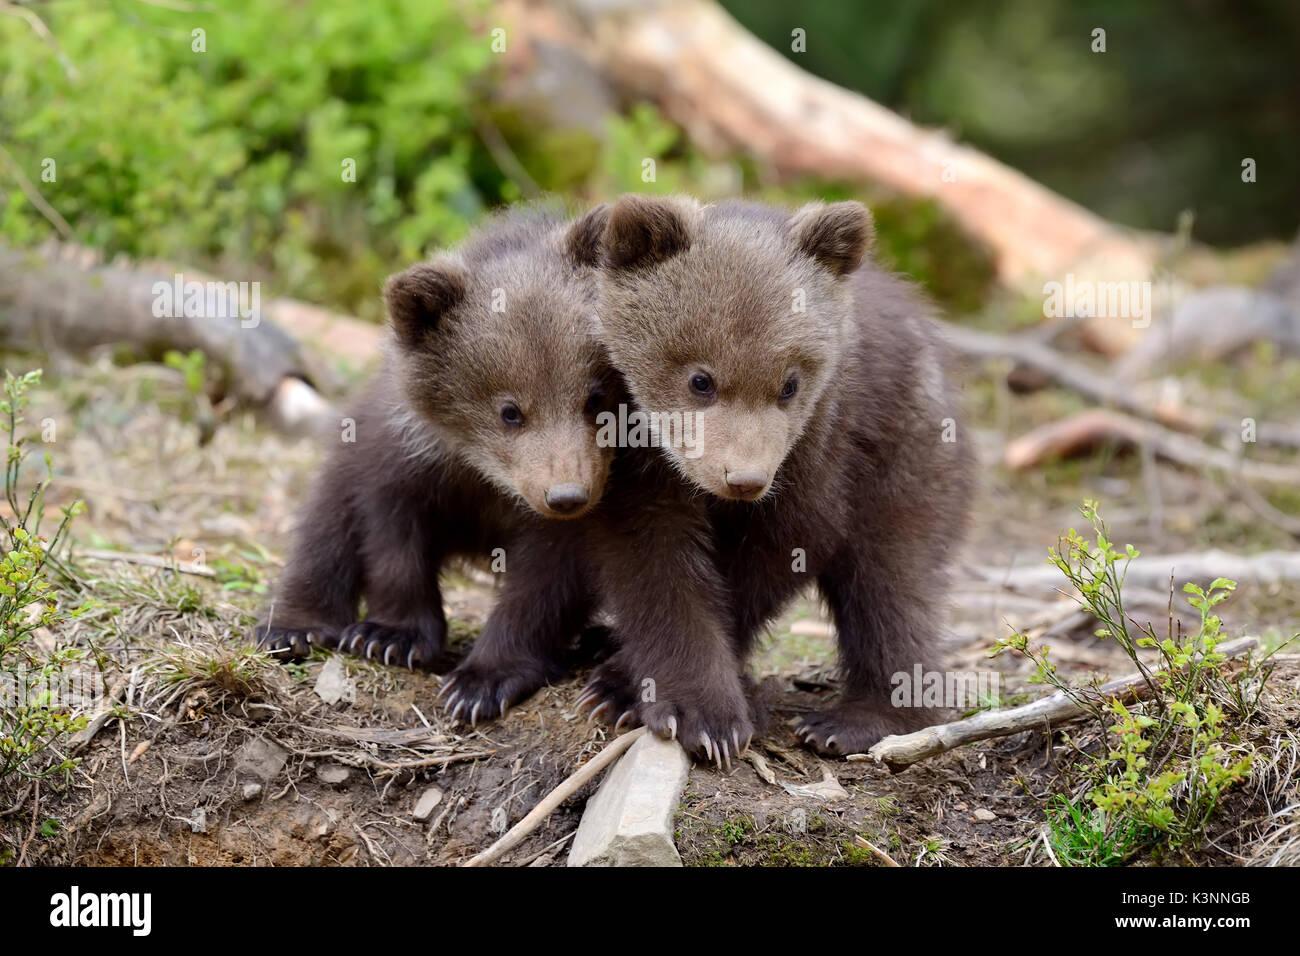 Les jeunes ours brun dans la forêt. Portrait de l'ours brun. Animal dans la nature de l'habitat. Cub de l'ours brun sans mère. Photo Stock